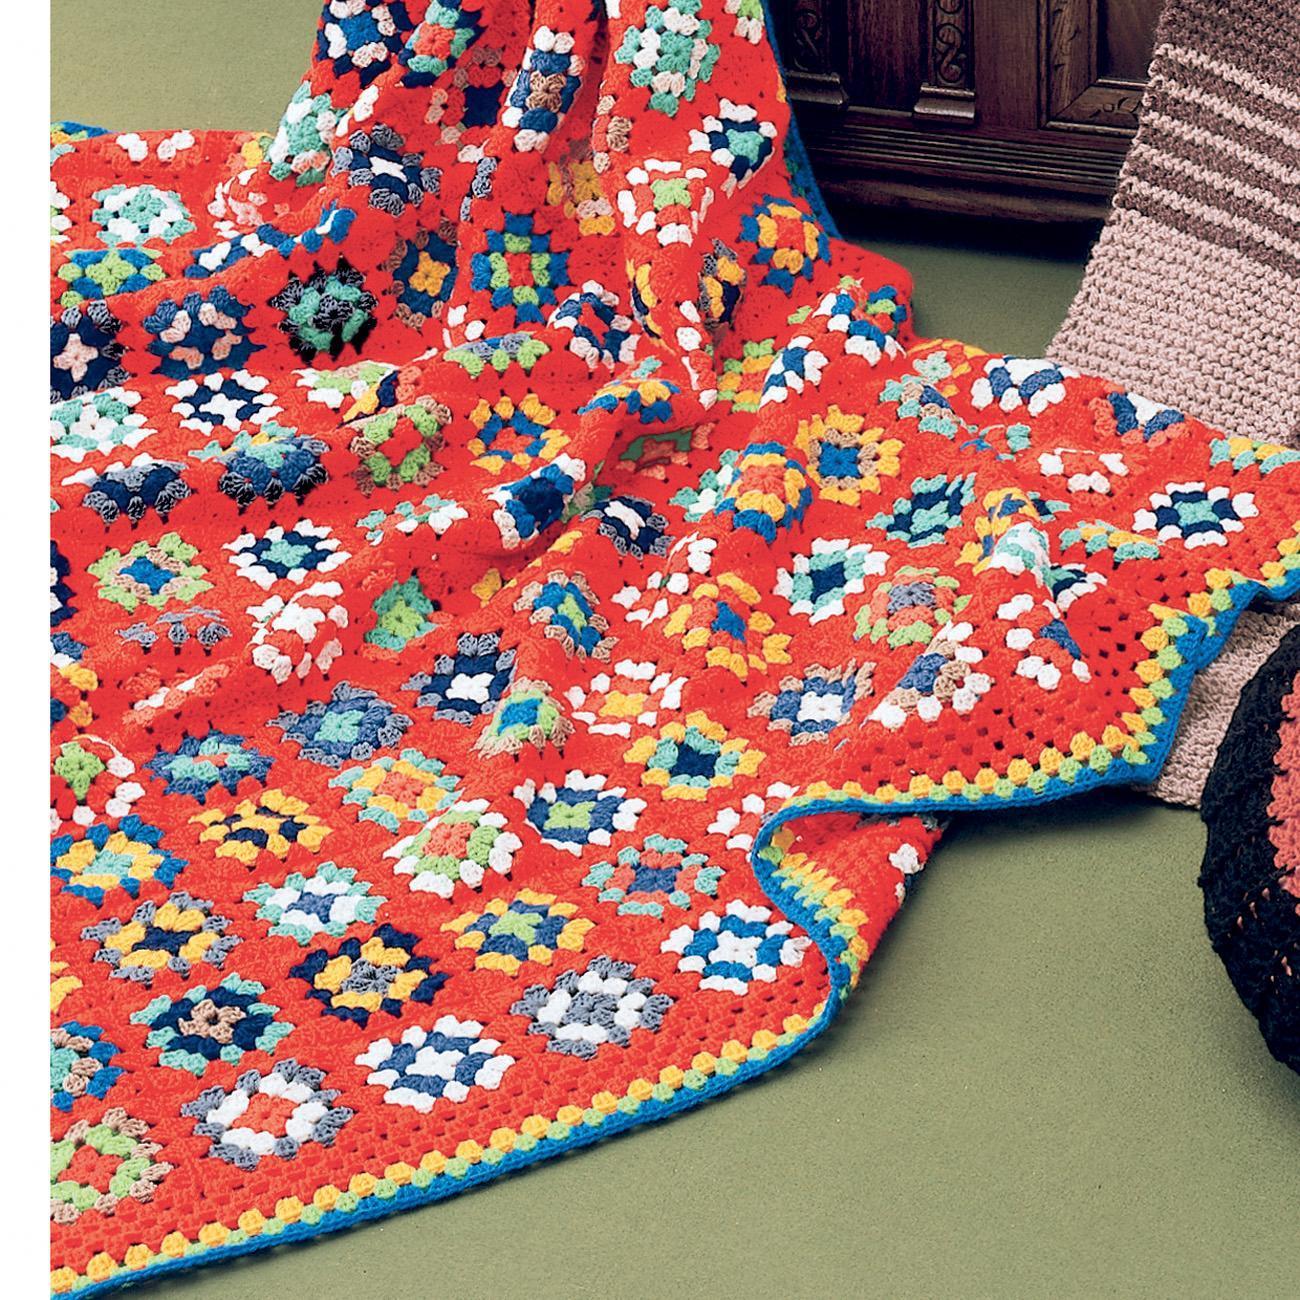 anleitung 228 6 geh kelte patchworkdecke aus poco von junghans wolle 10 versch farben. Black Bedroom Furniture Sets. Home Design Ideas